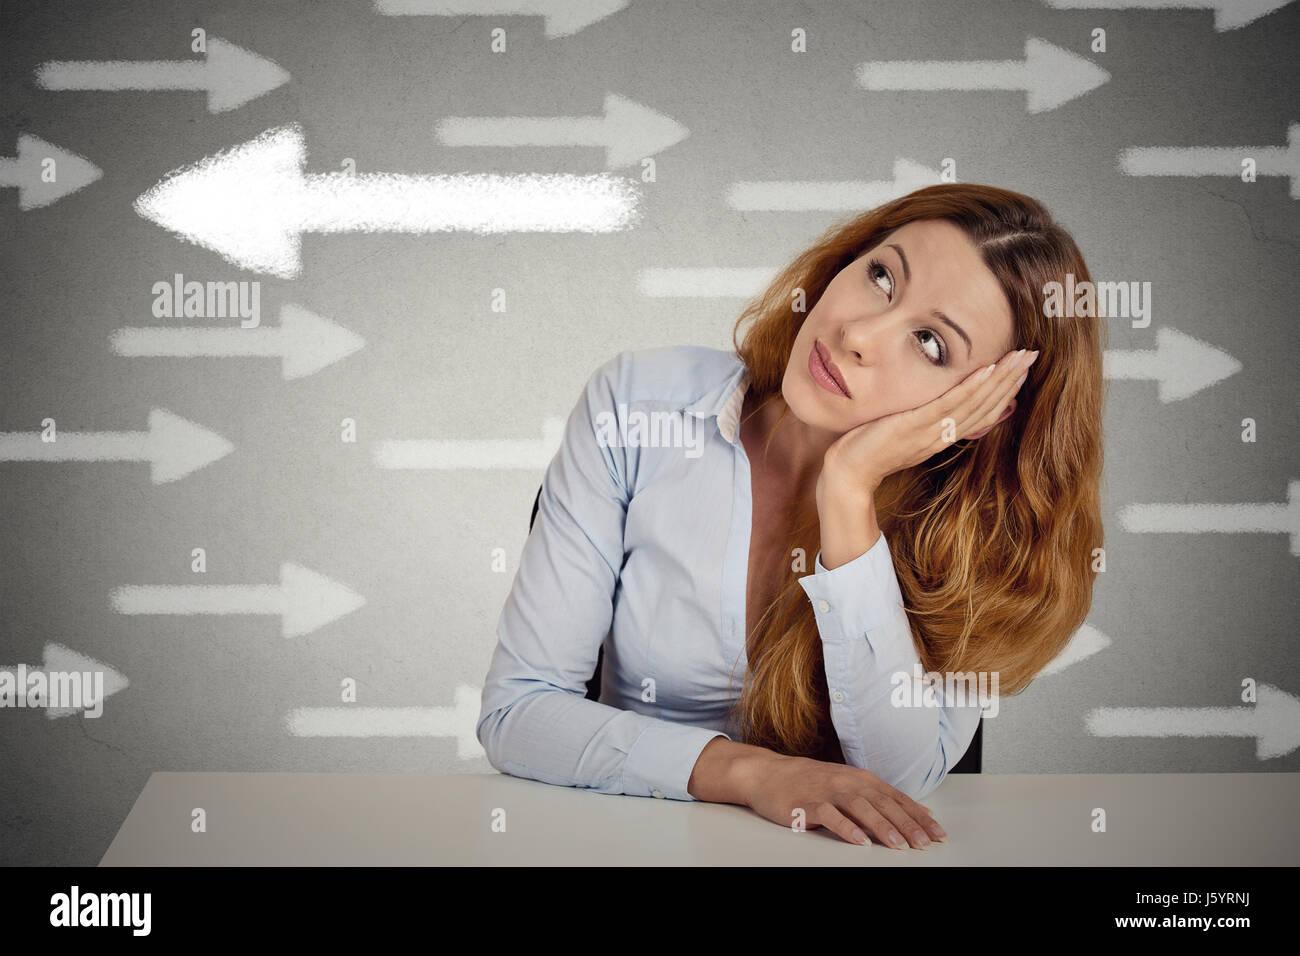 Nachdenkliche Frau, die eine Chance gegen die Strömung. Nachdenklich Geschäftsfrau sitzen am Tisch auf Stockbild